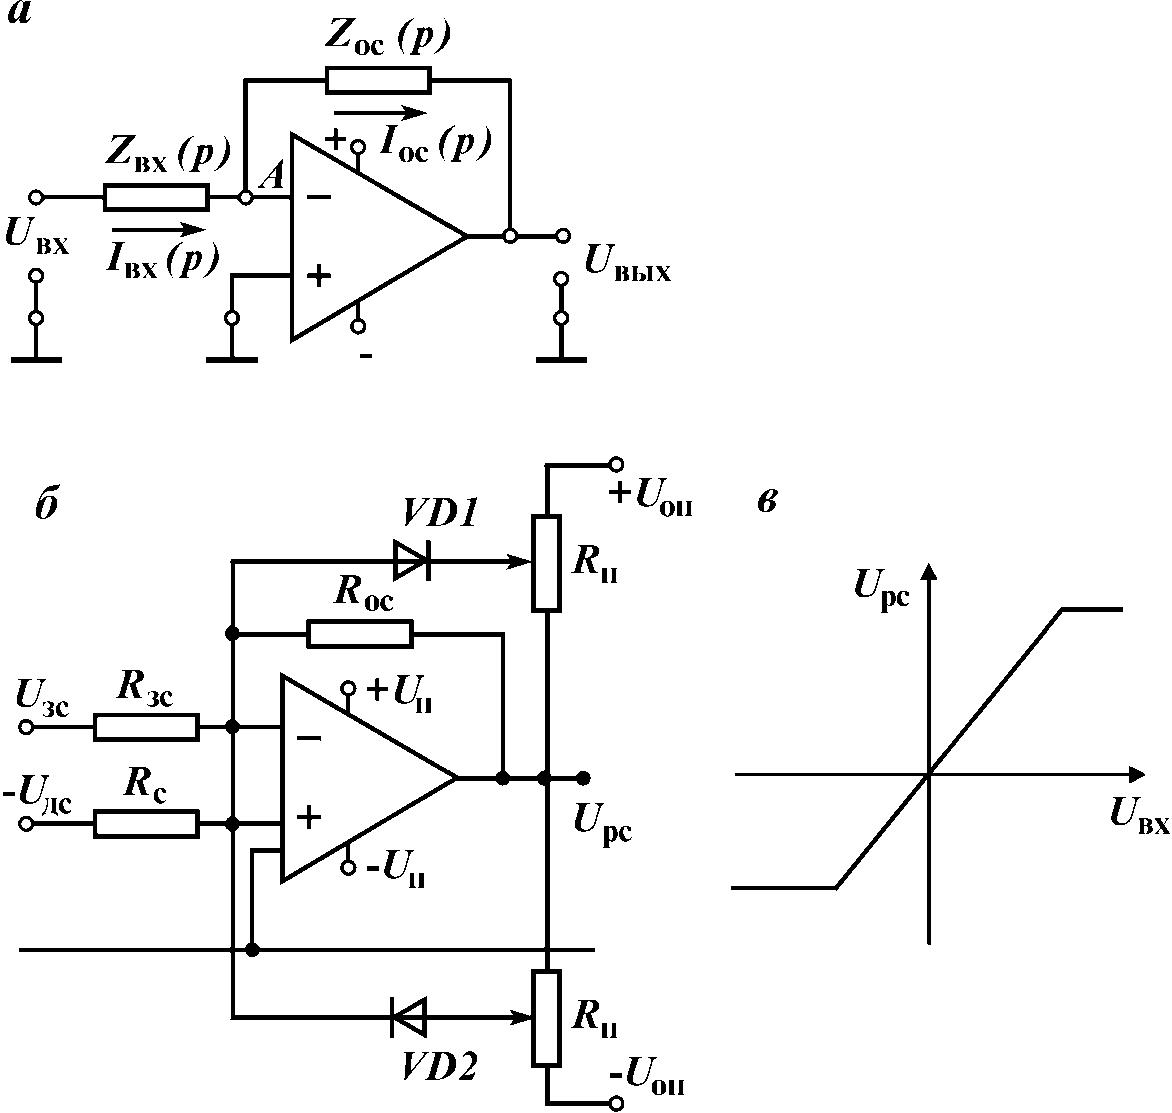 Тембра, резисторы, операционных, усилителя, предусилителей, предусилителя, микросхемах, усилителях, схему